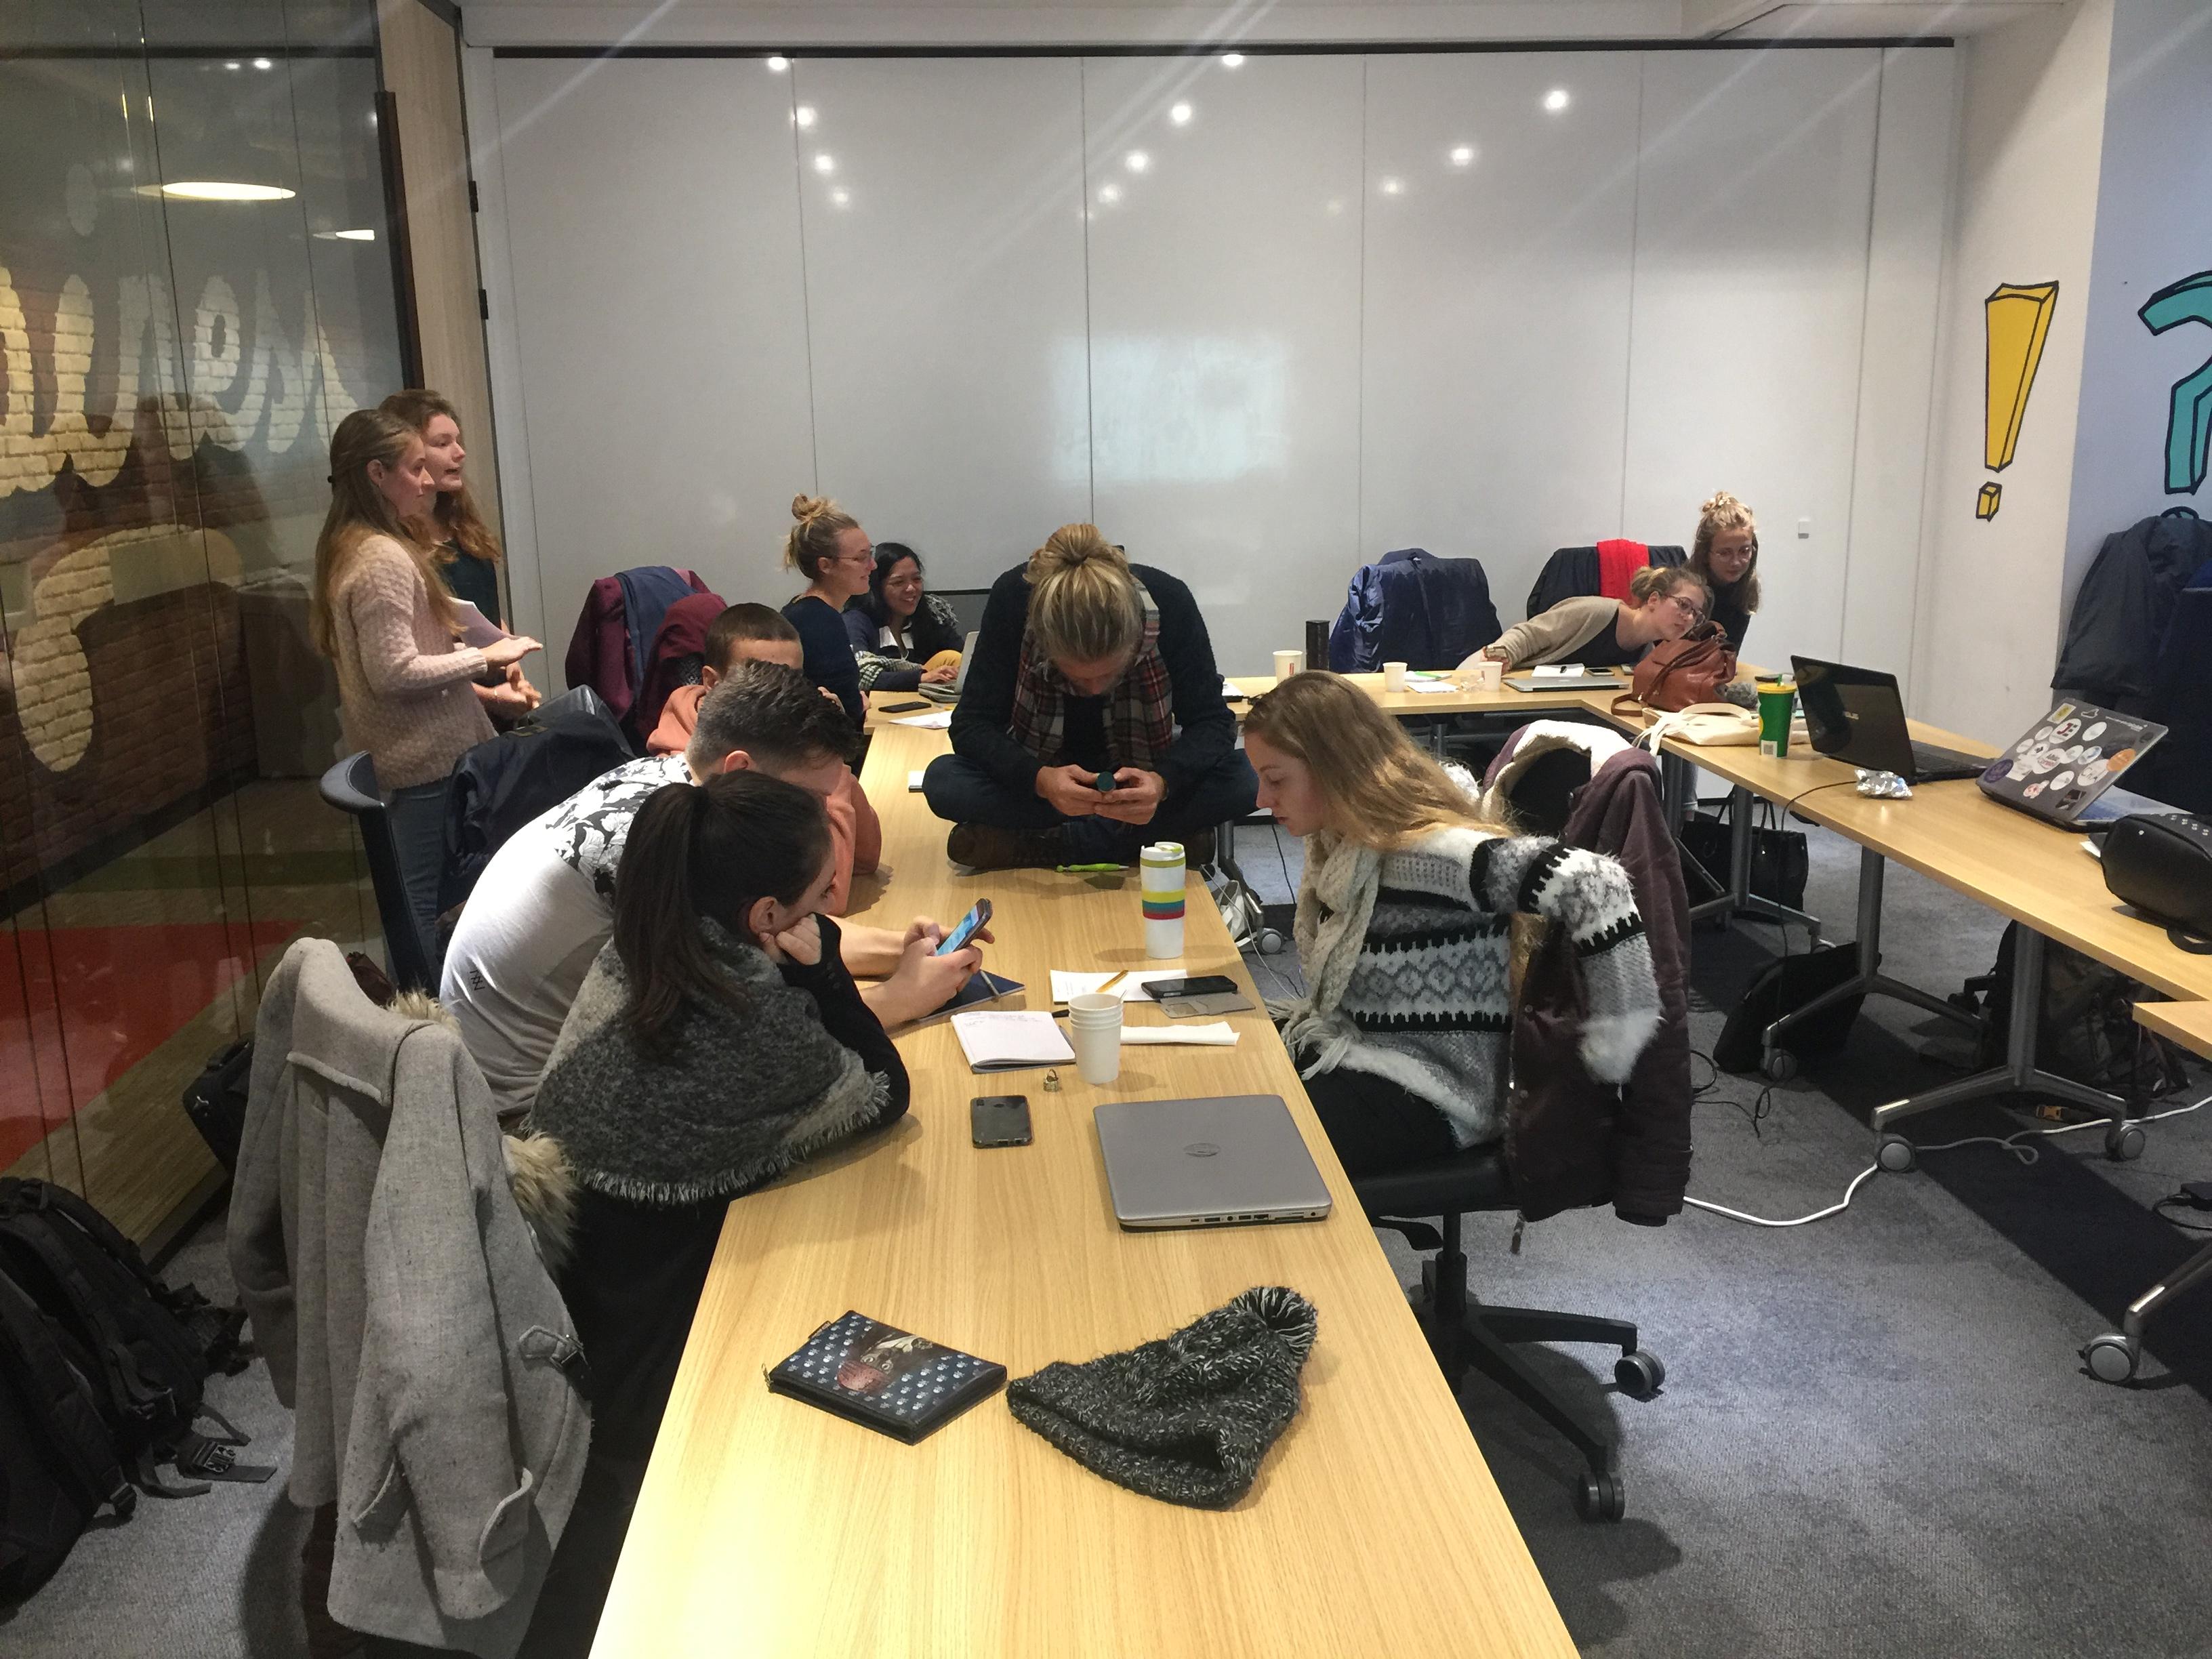 IMG 0202 - Conférence atelier avec les étudiants Unilasalle